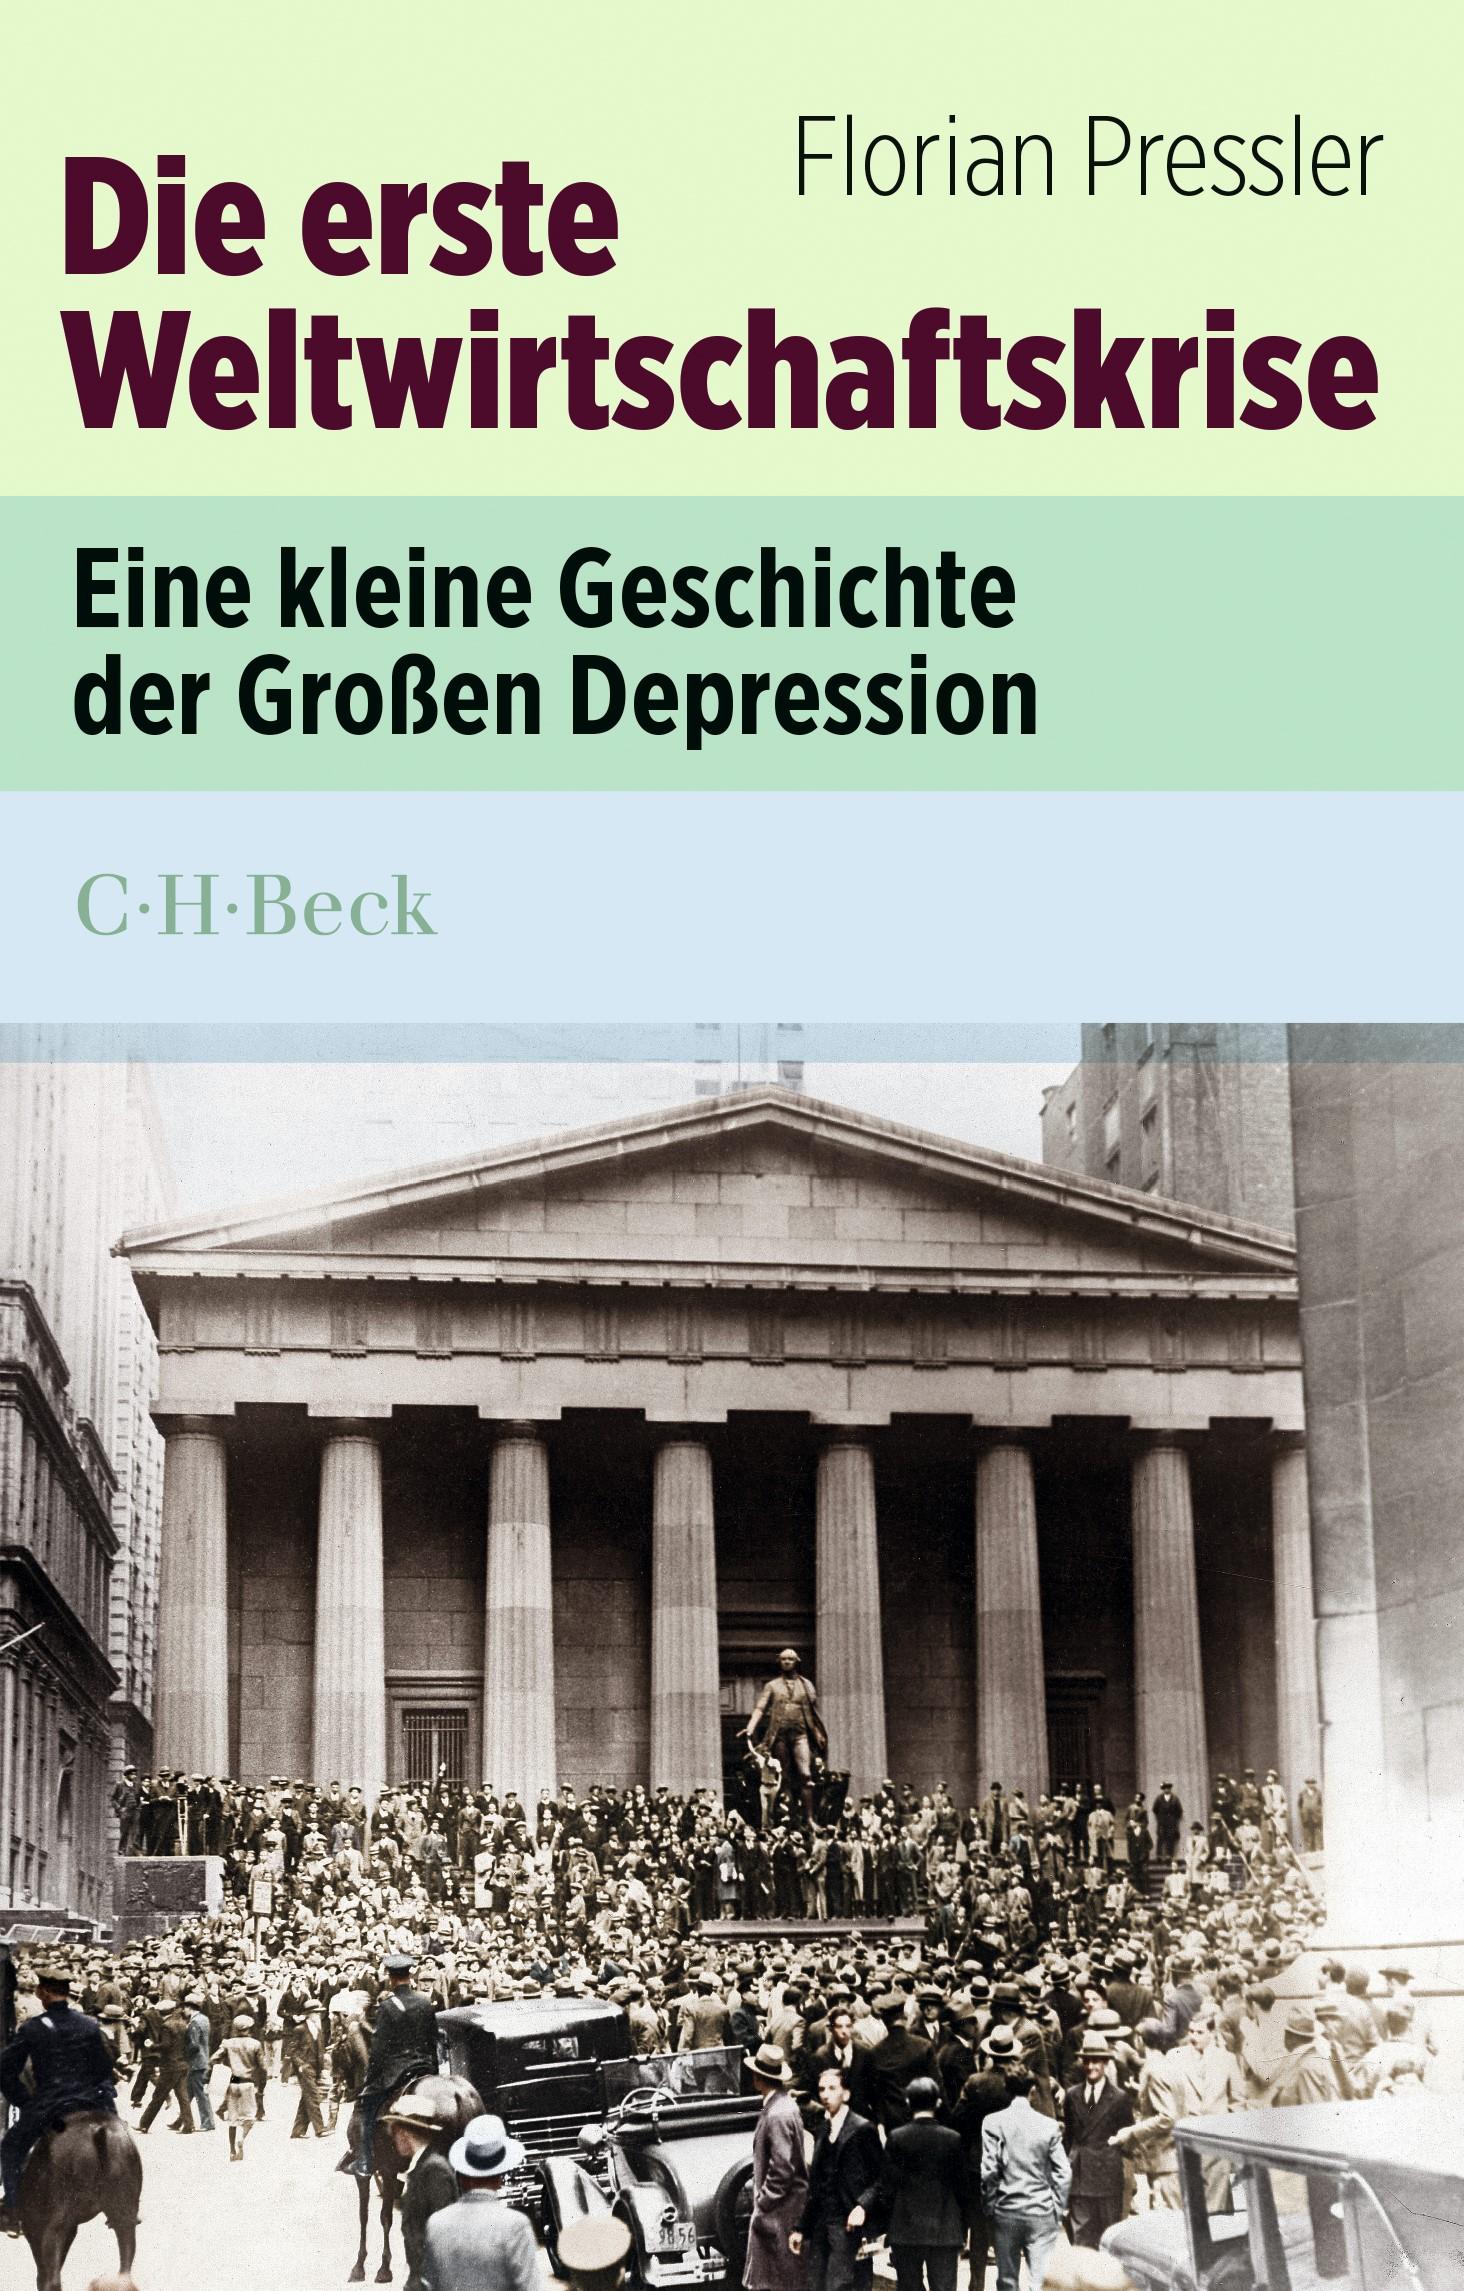 Die erste Weltwirtschaftskrise | Pressler, Florian | 2. Auflage, 2019 | Buch (Cover)